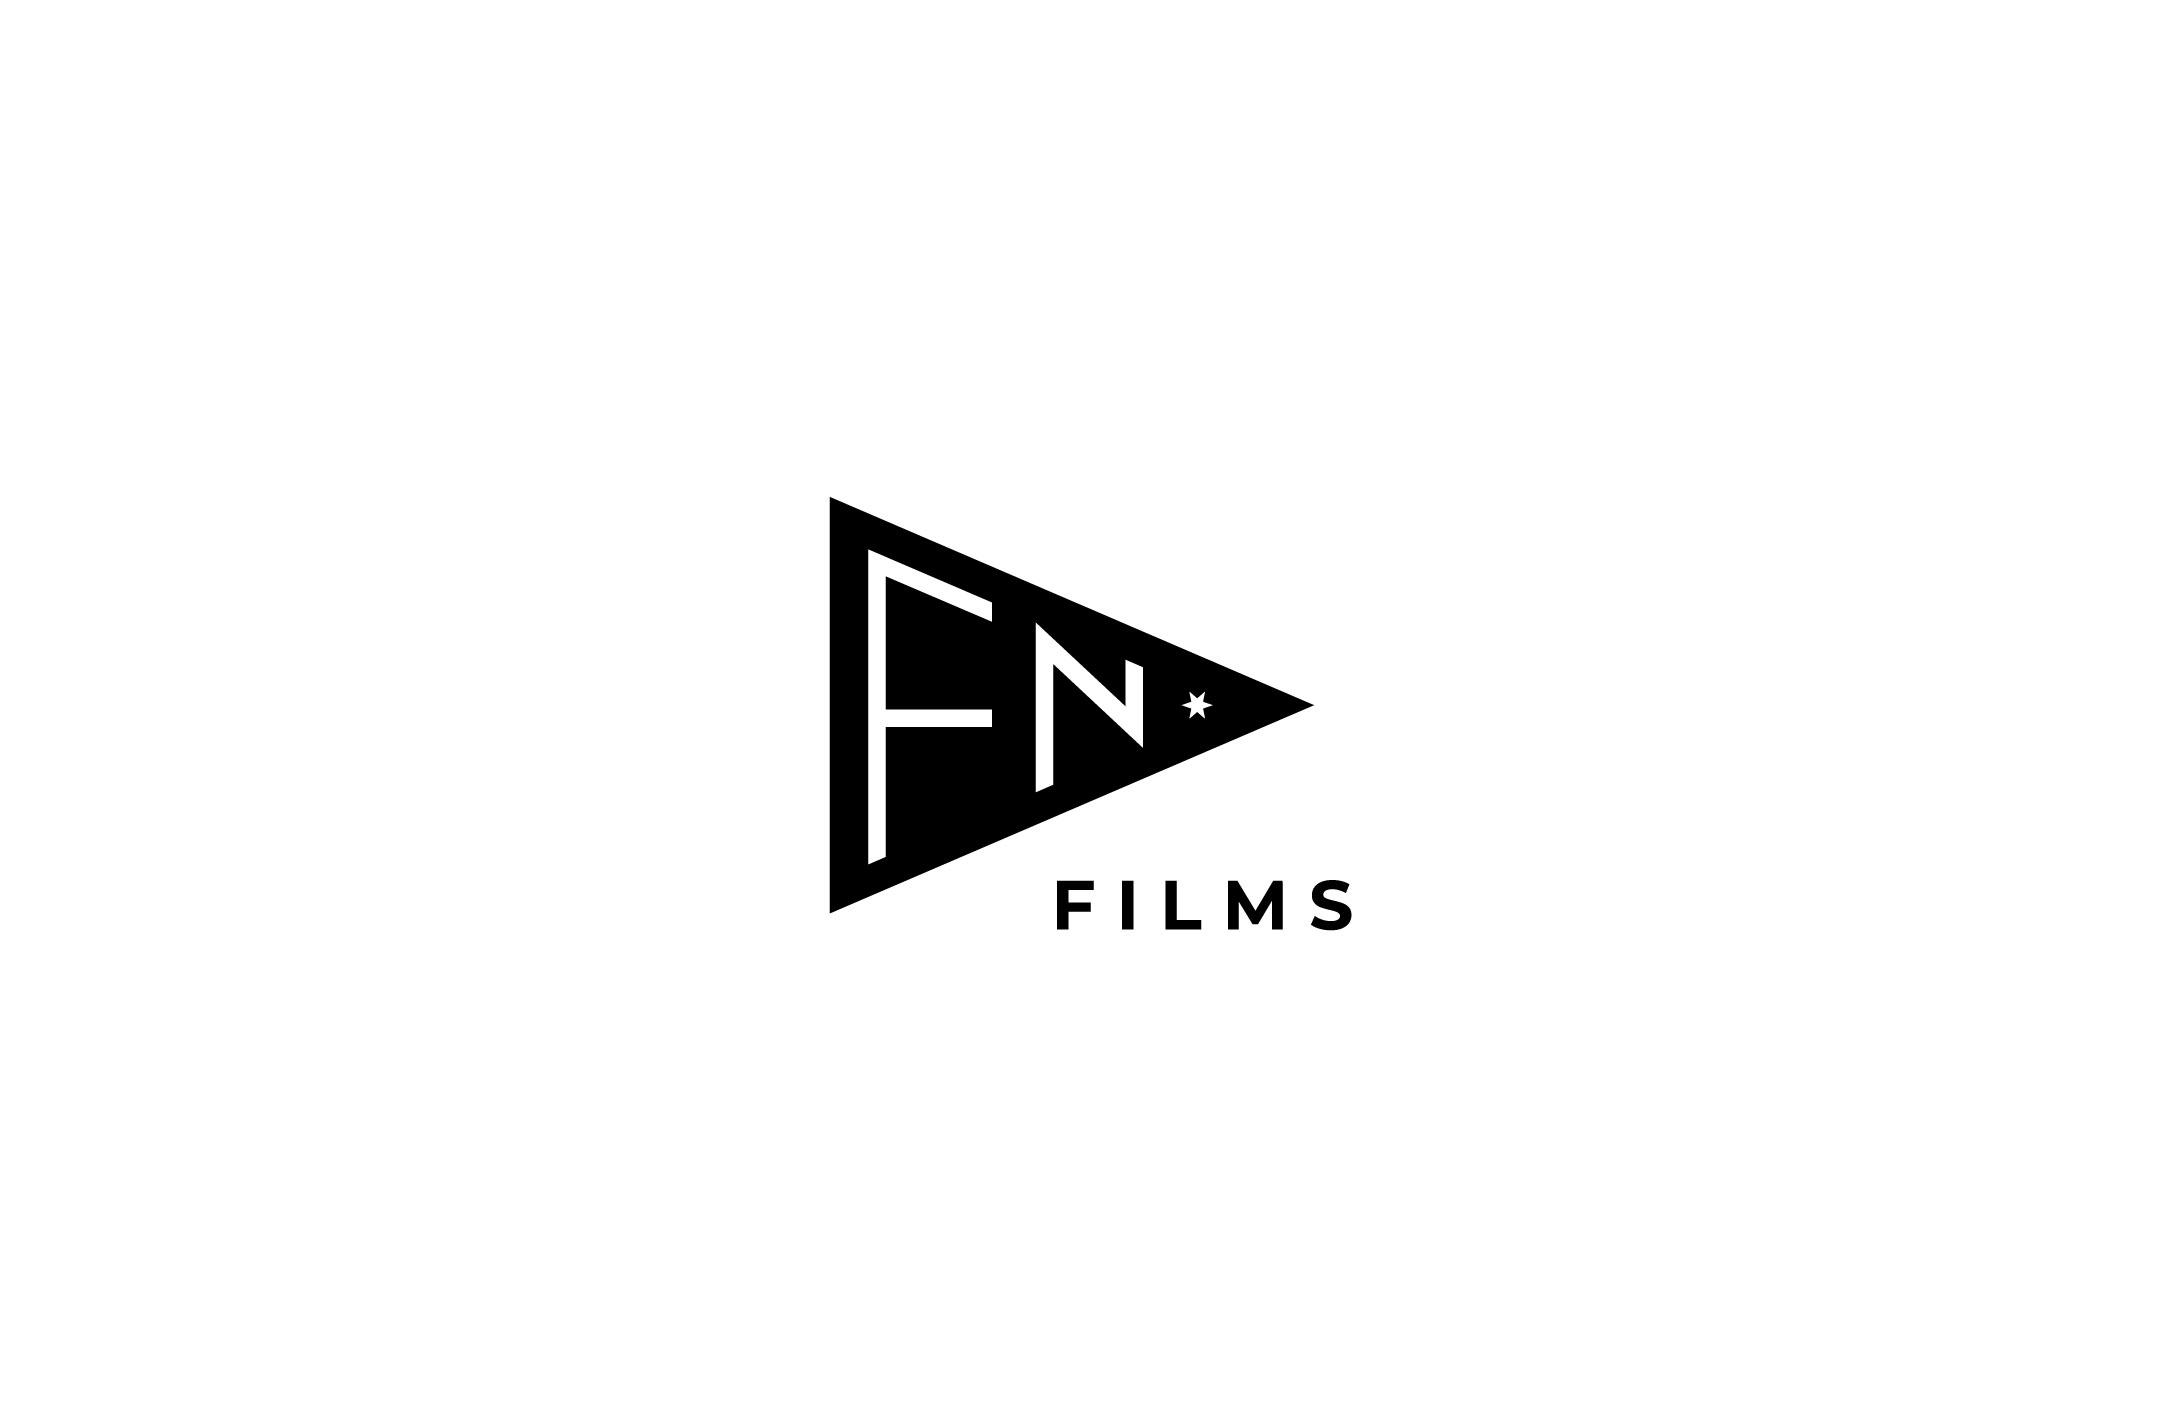 FNFilms_final.jpg